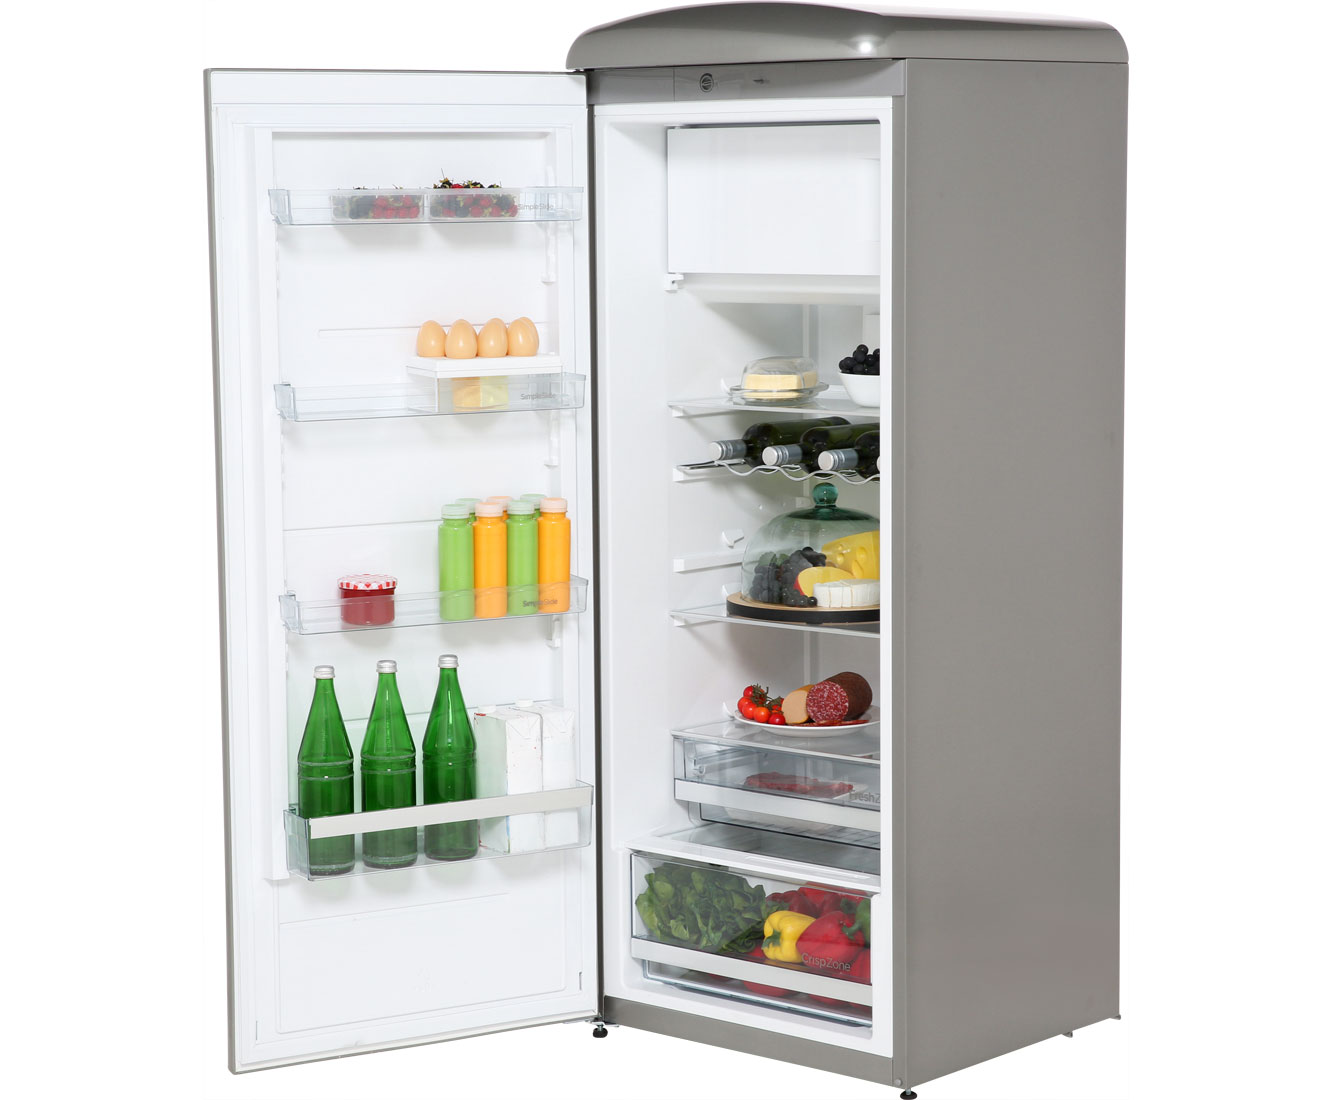 Gorenje Kühlschrank Vw Preis : Ausbau kühlschrank vw t jennifer winters